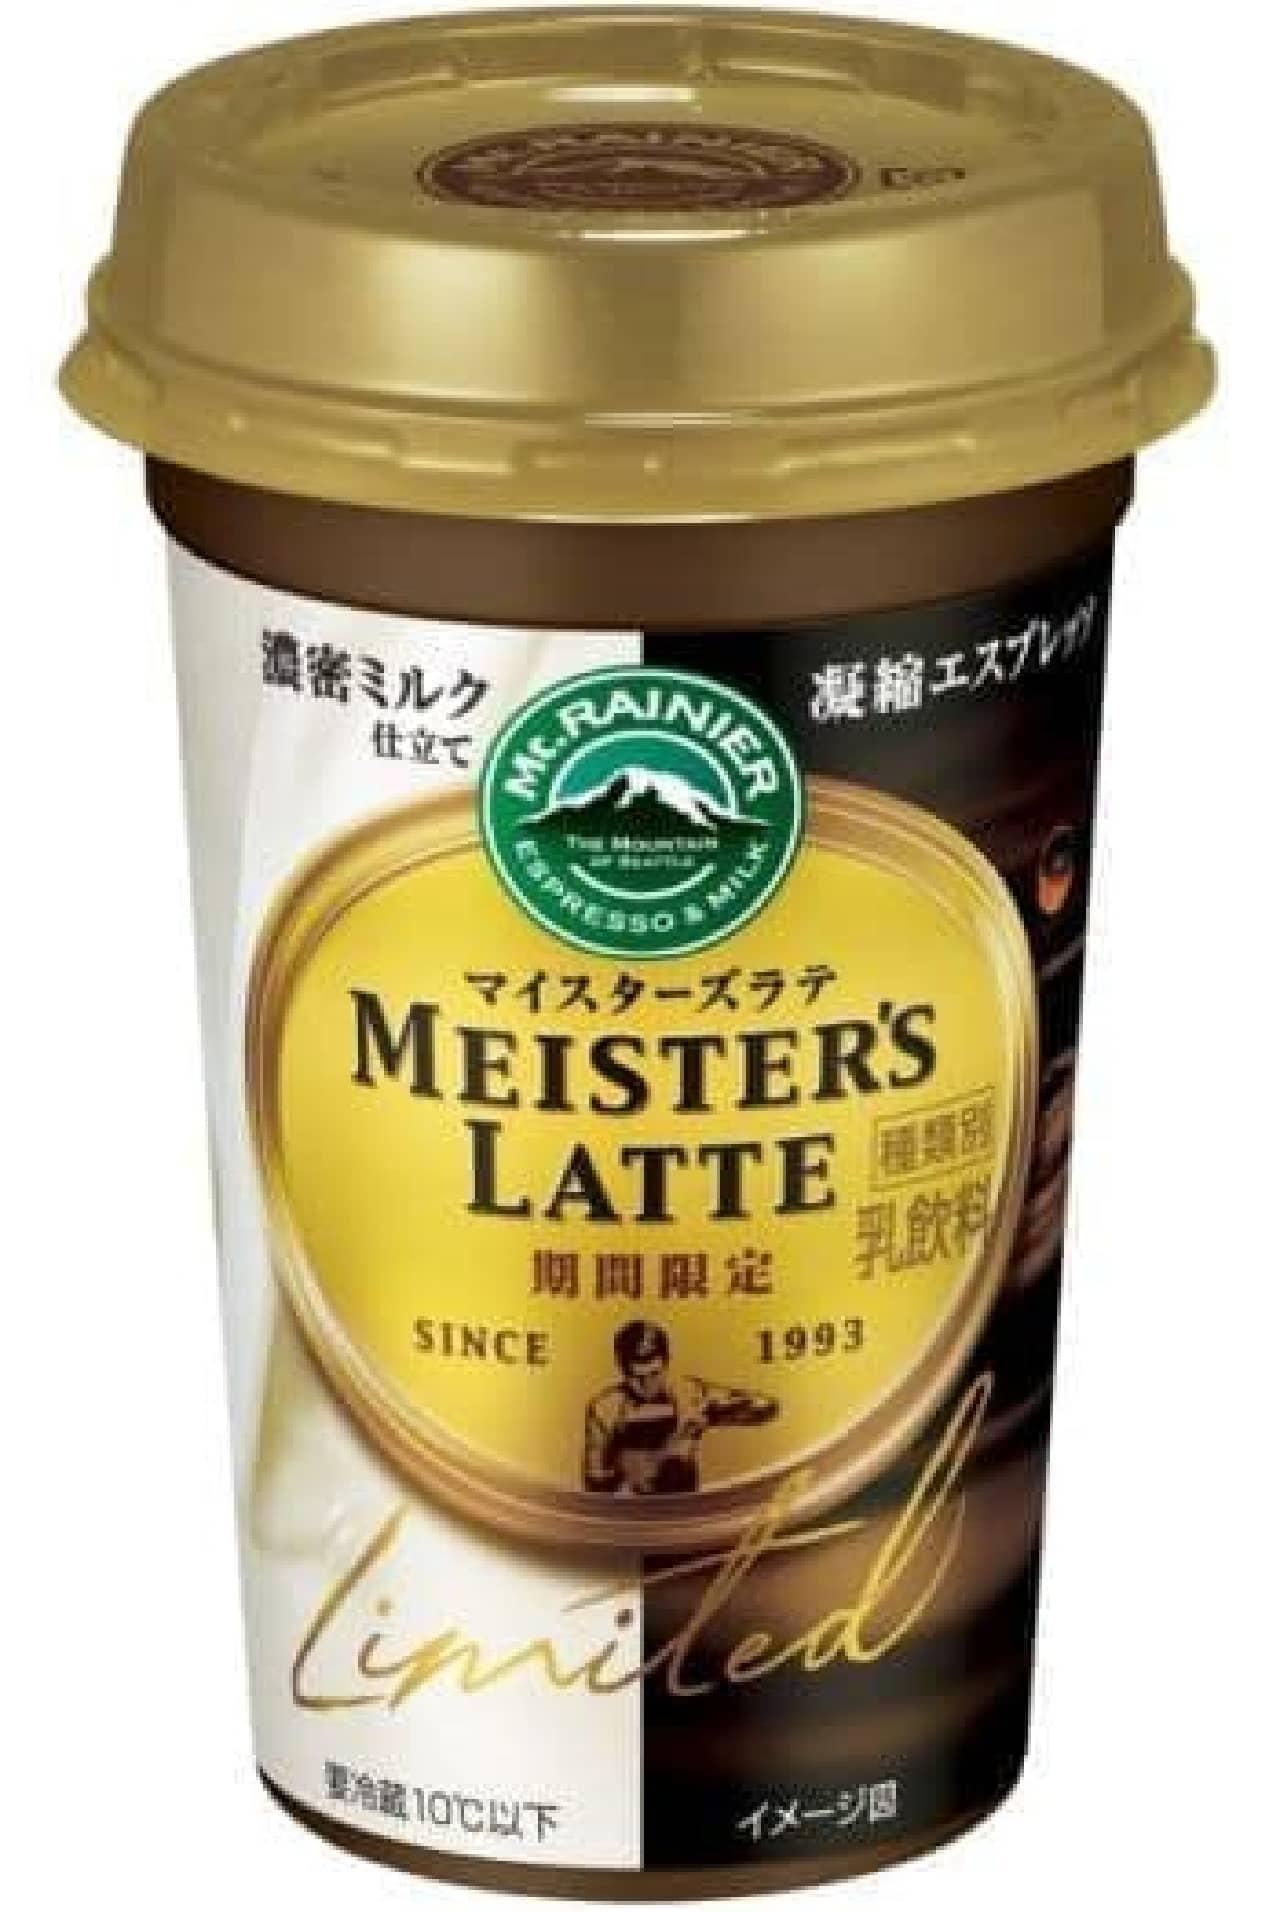 チルドカップコーヒー「マウントレーニア マイスターズラテ」